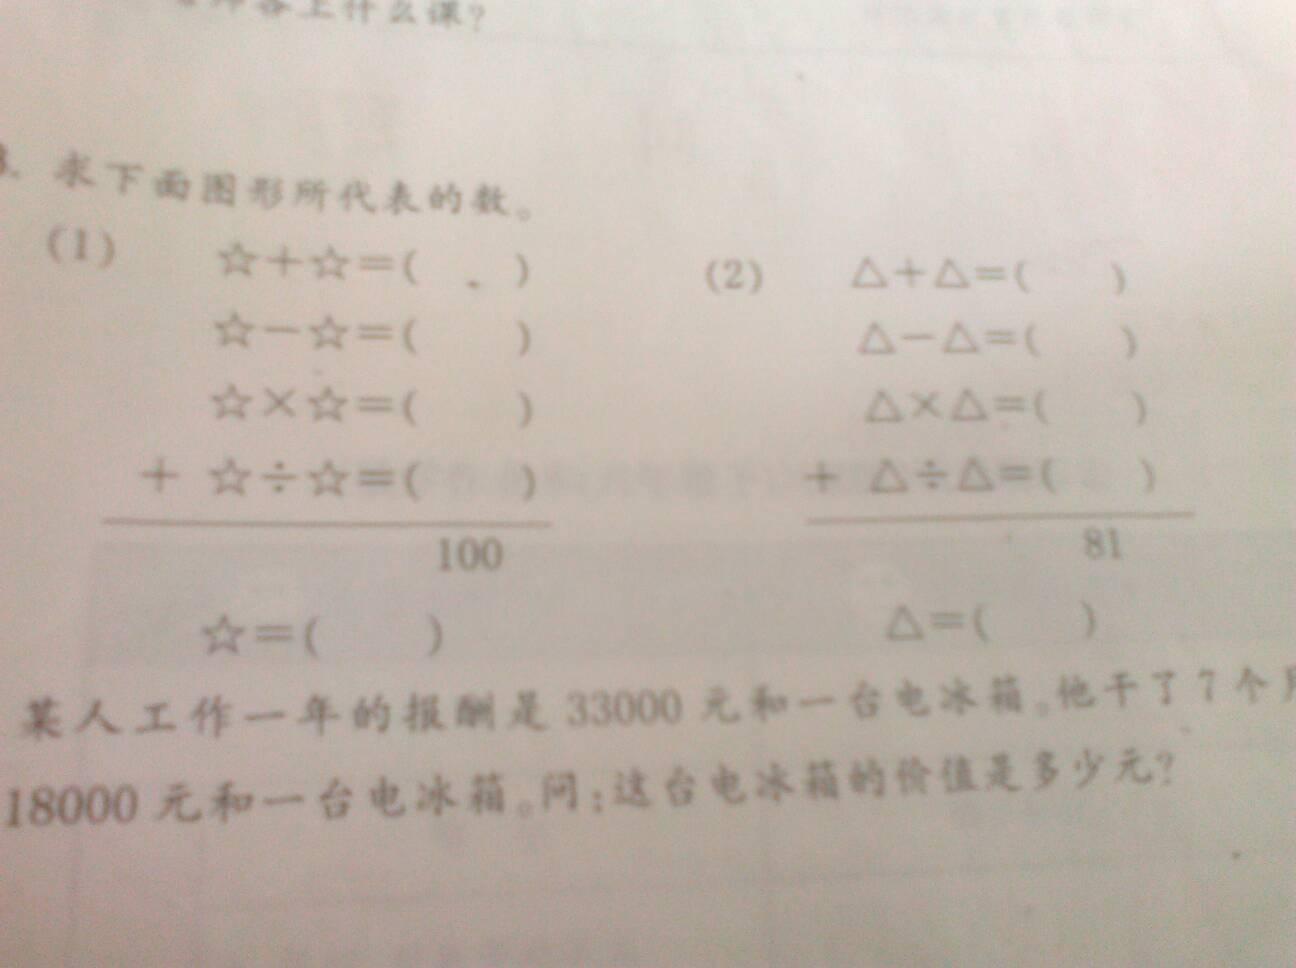 六年级下册数学思考题图片